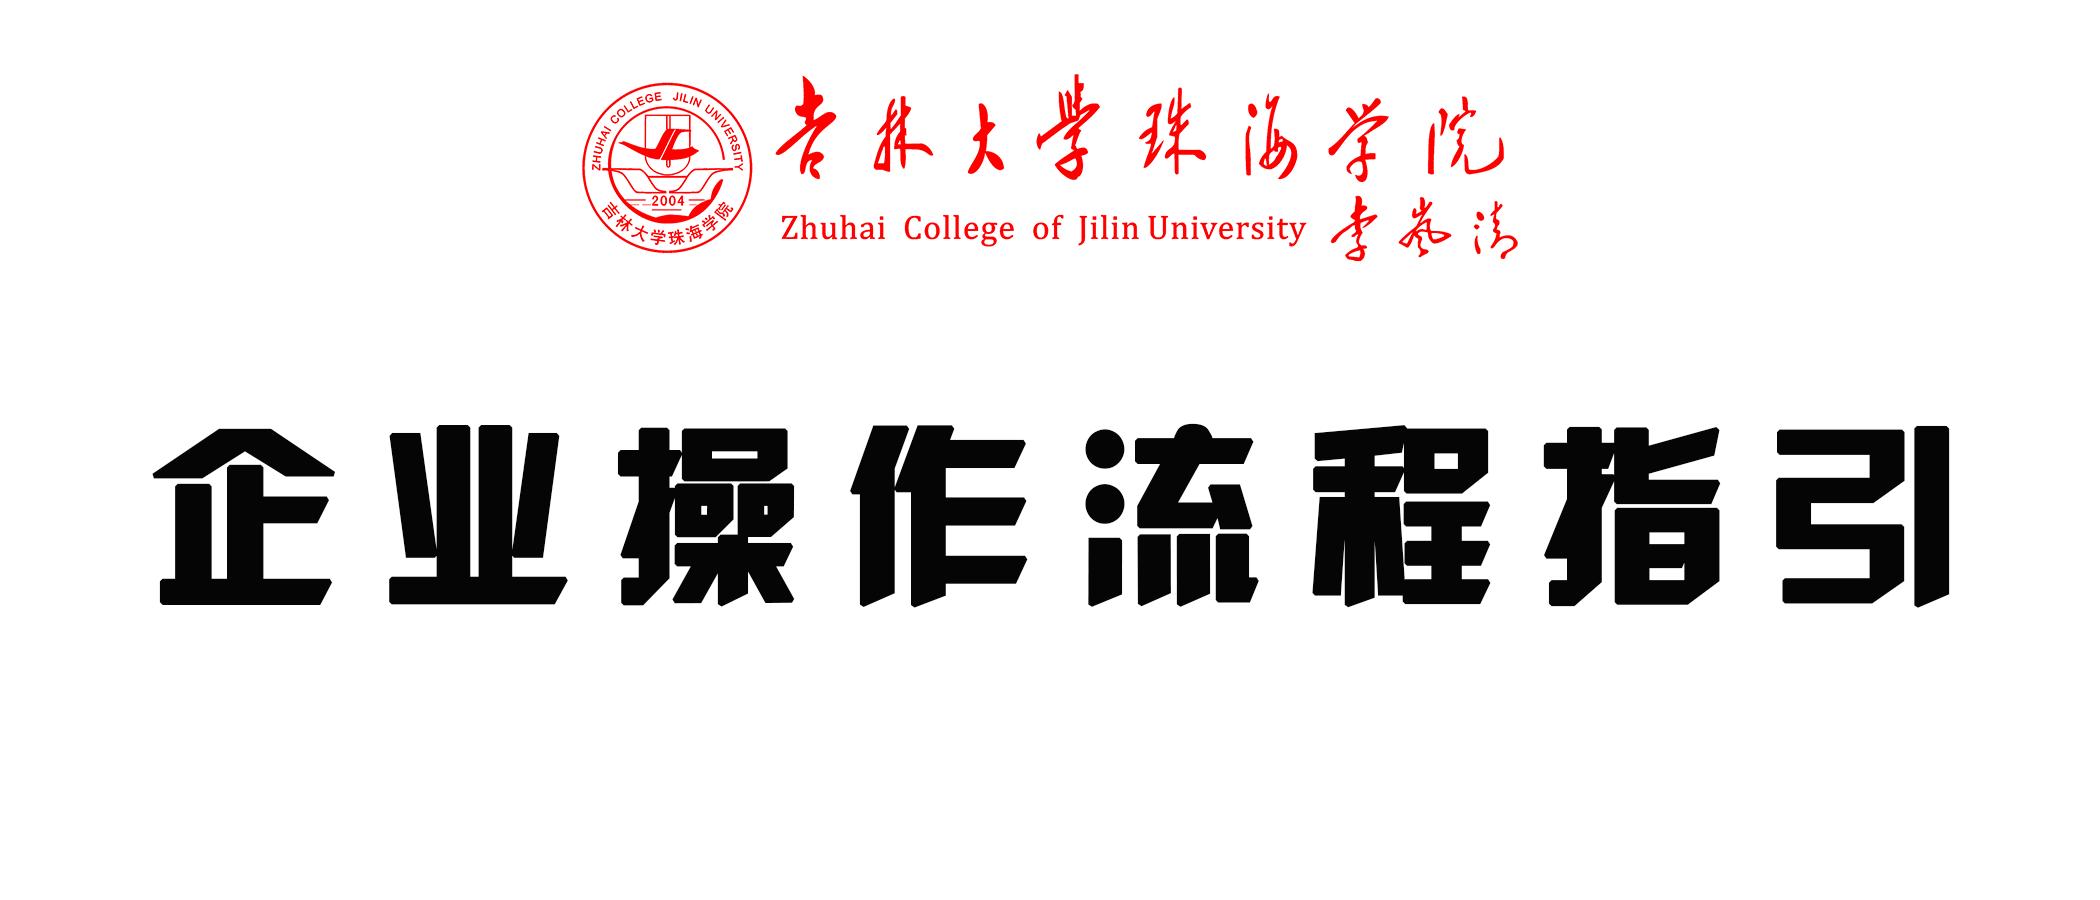 吉林大学珠海学院就业网企业操作流程指引